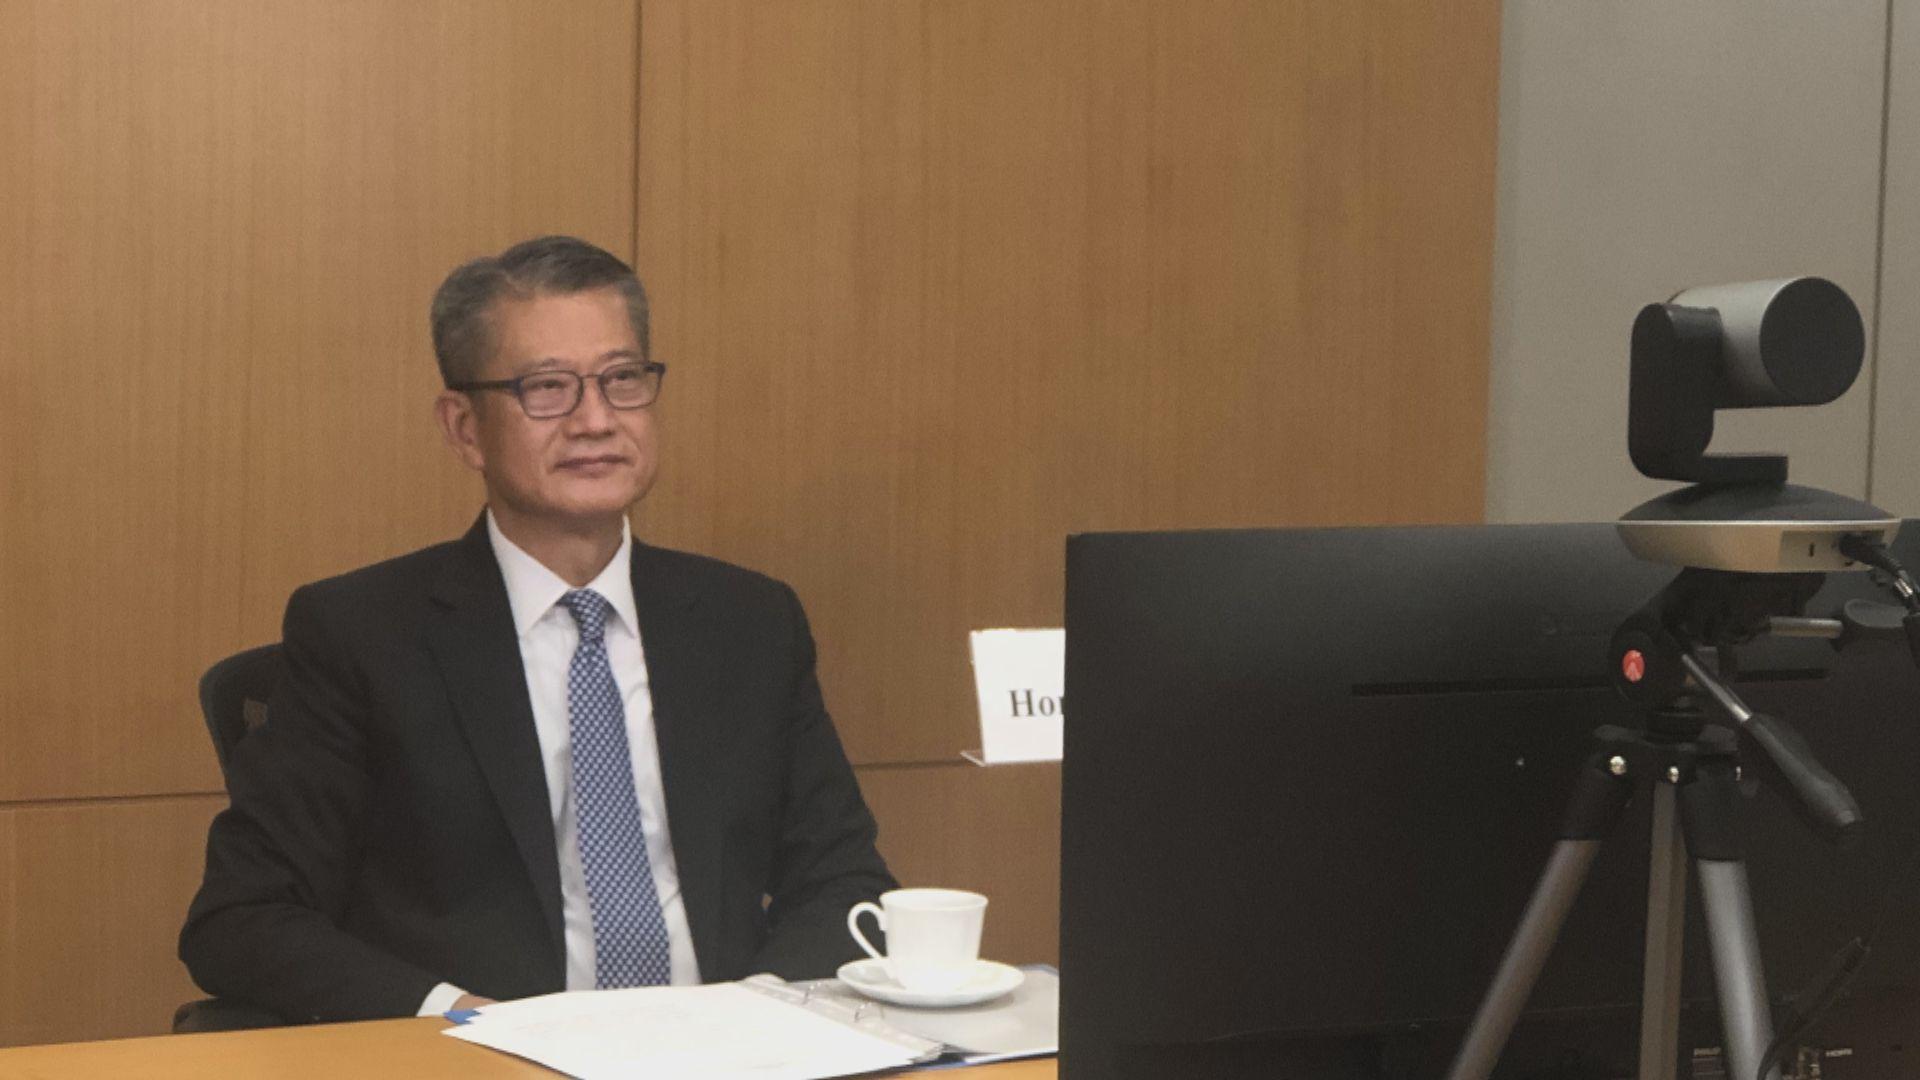 陳茂波:要避免樹立貿易或投資壁壘方能復甦經濟